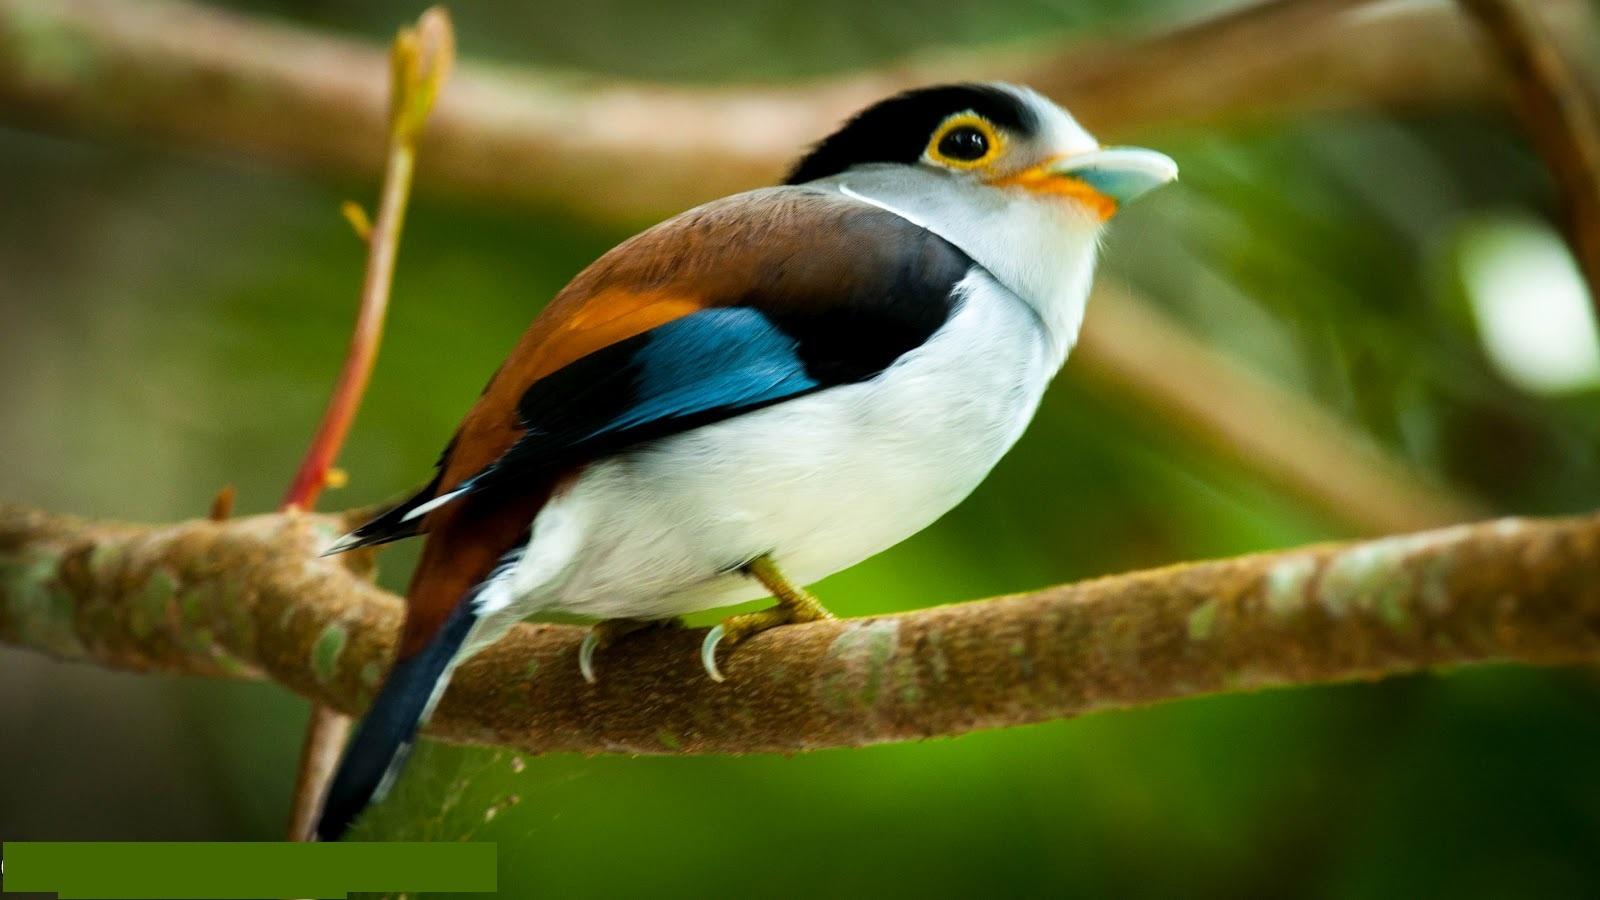 Silver breasted broadbill cute bird